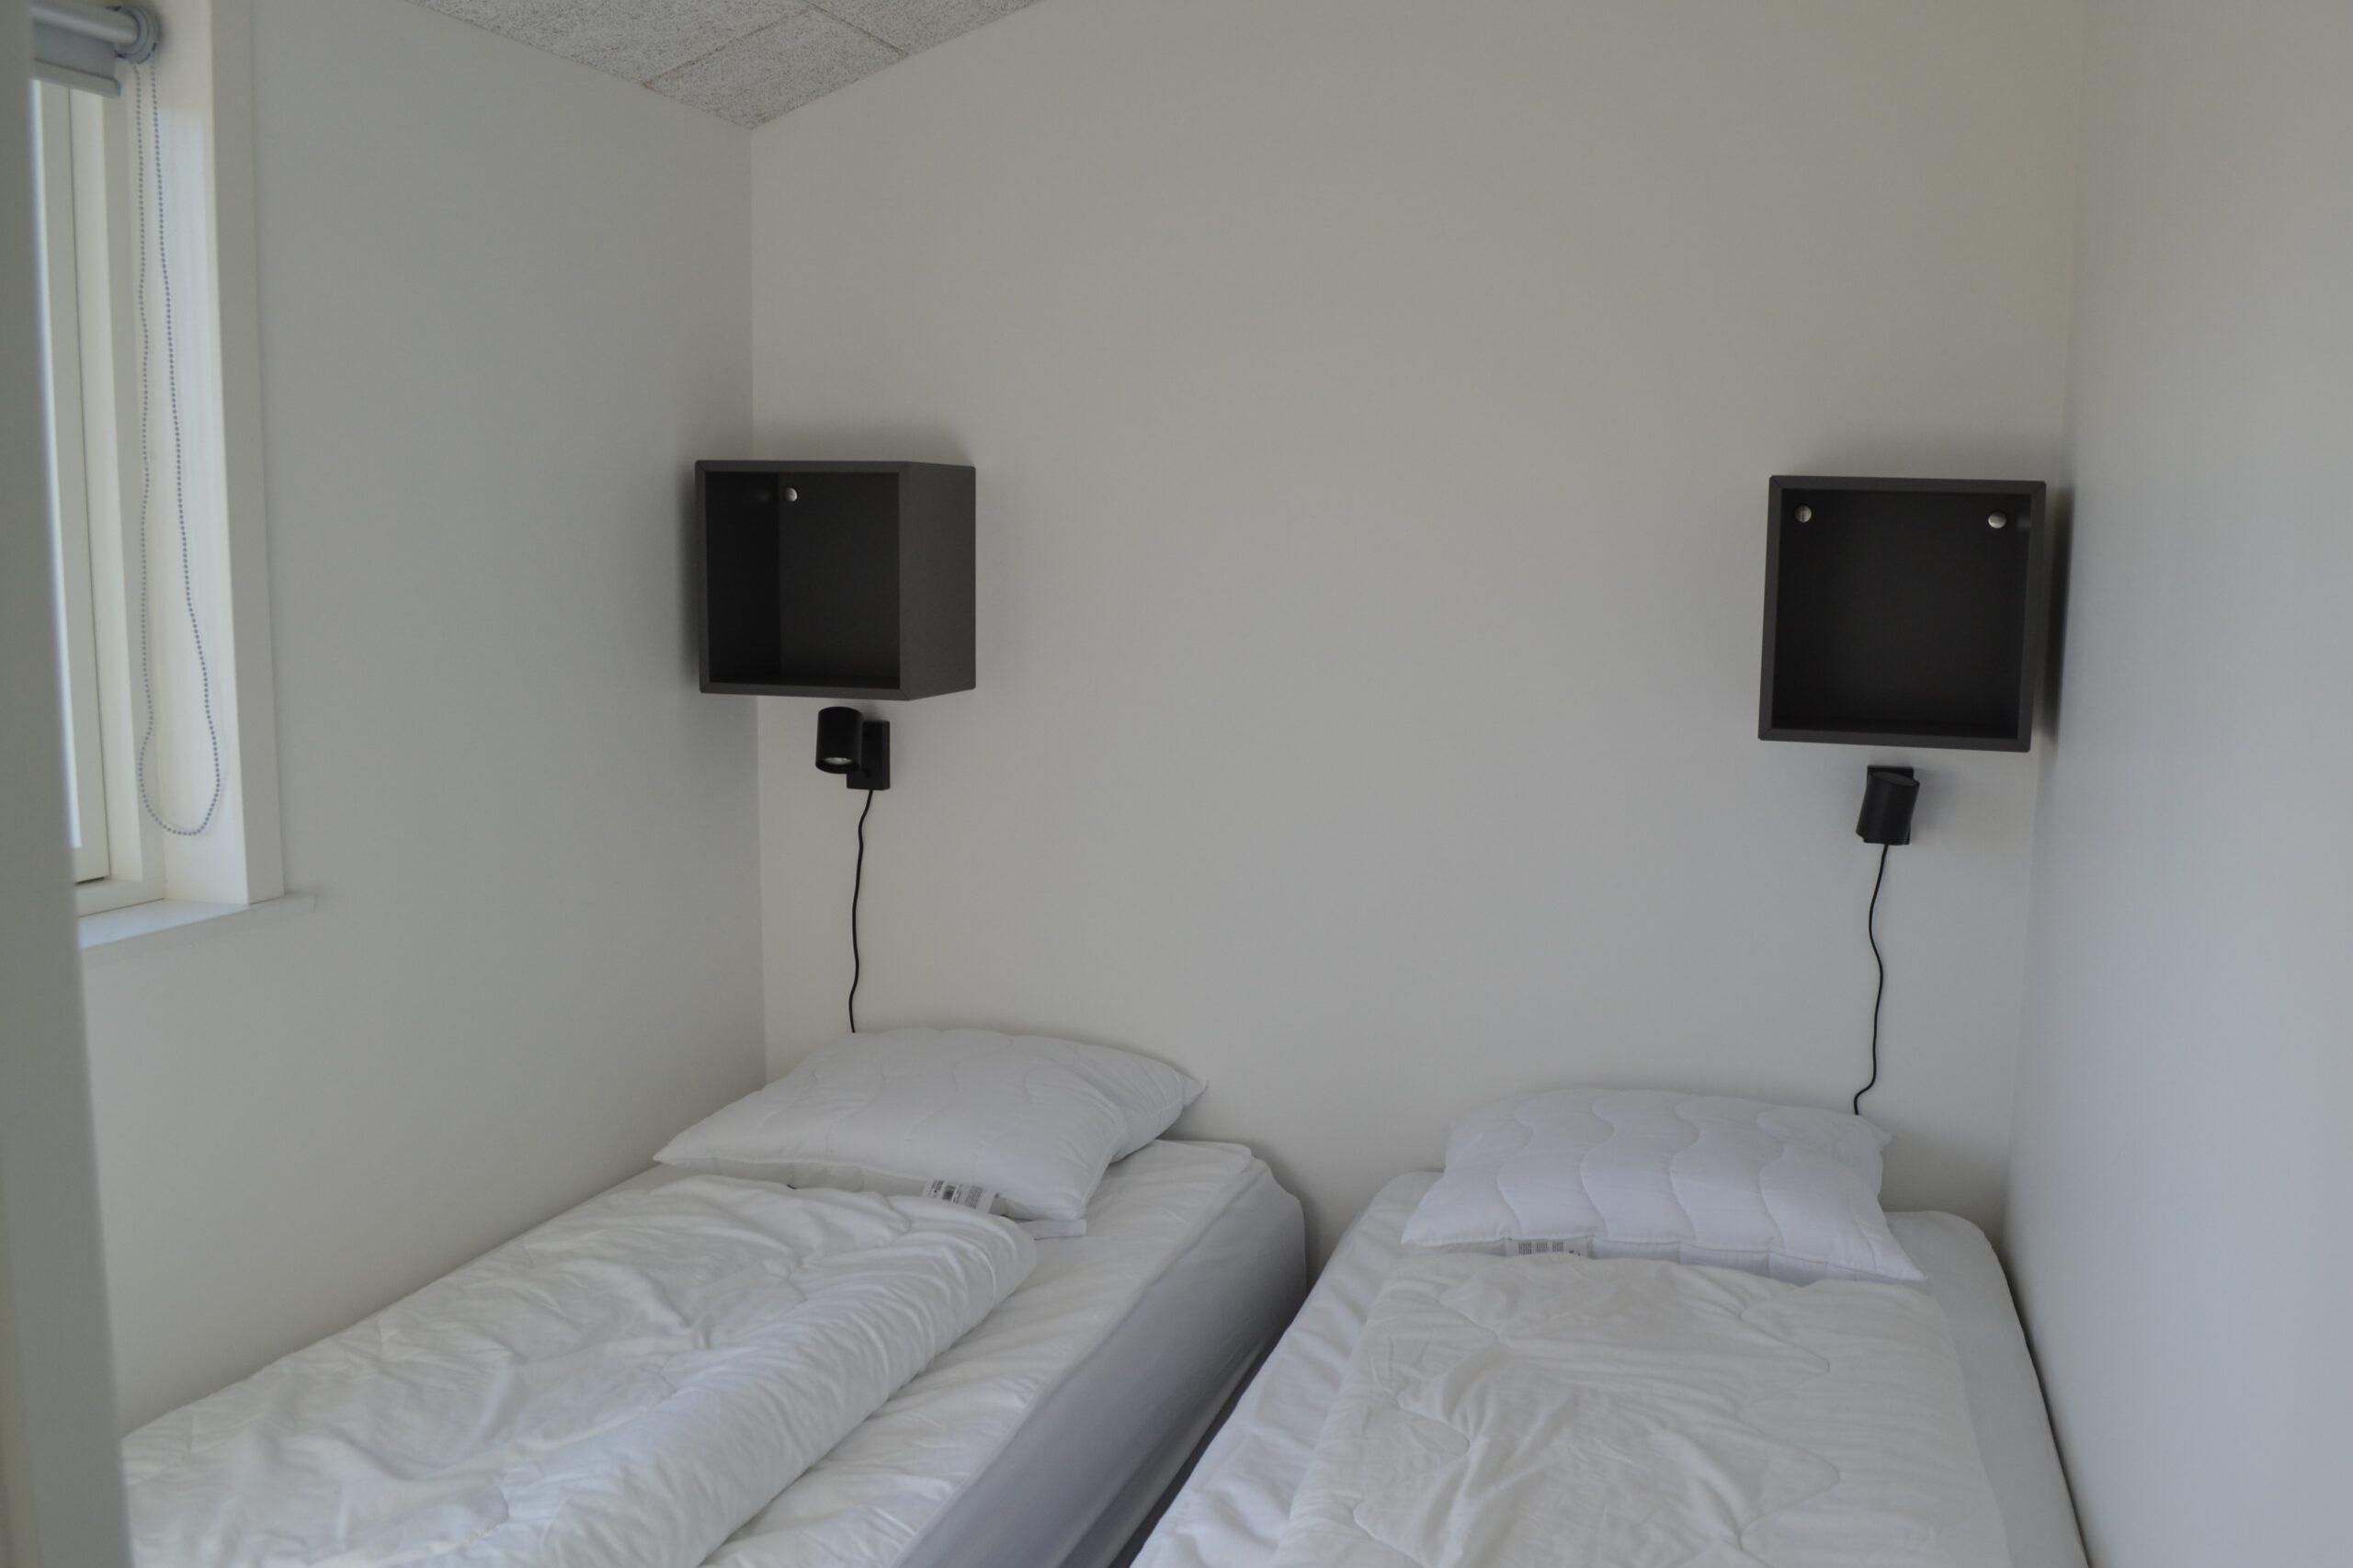 Lille-værelse-scaled